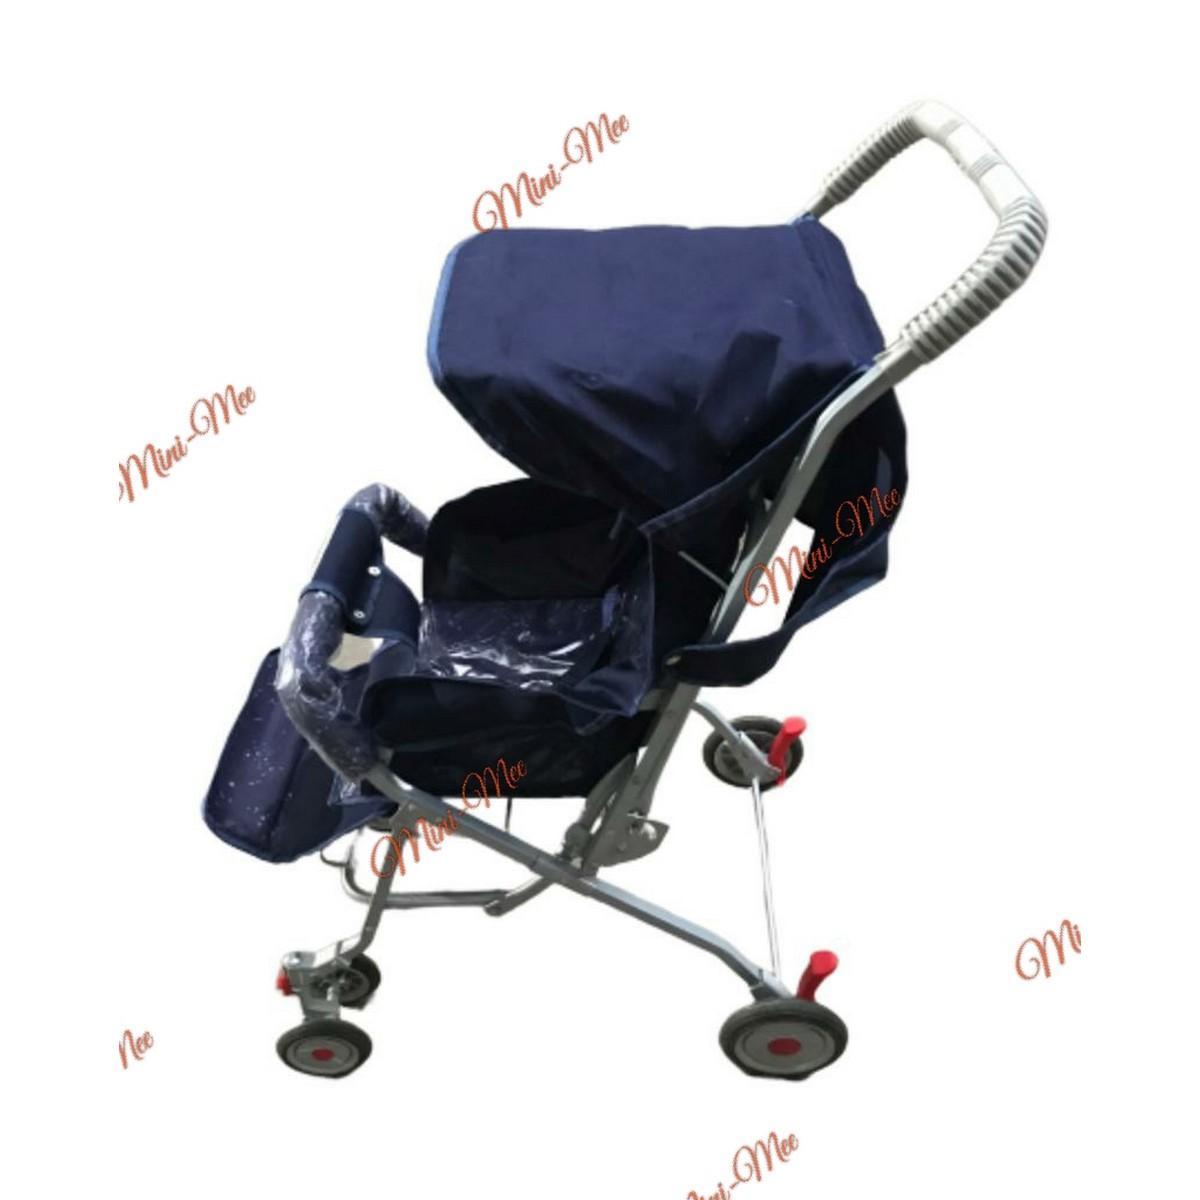 Foldable Baby Stroller Pram For Newborn Rubber Tyres